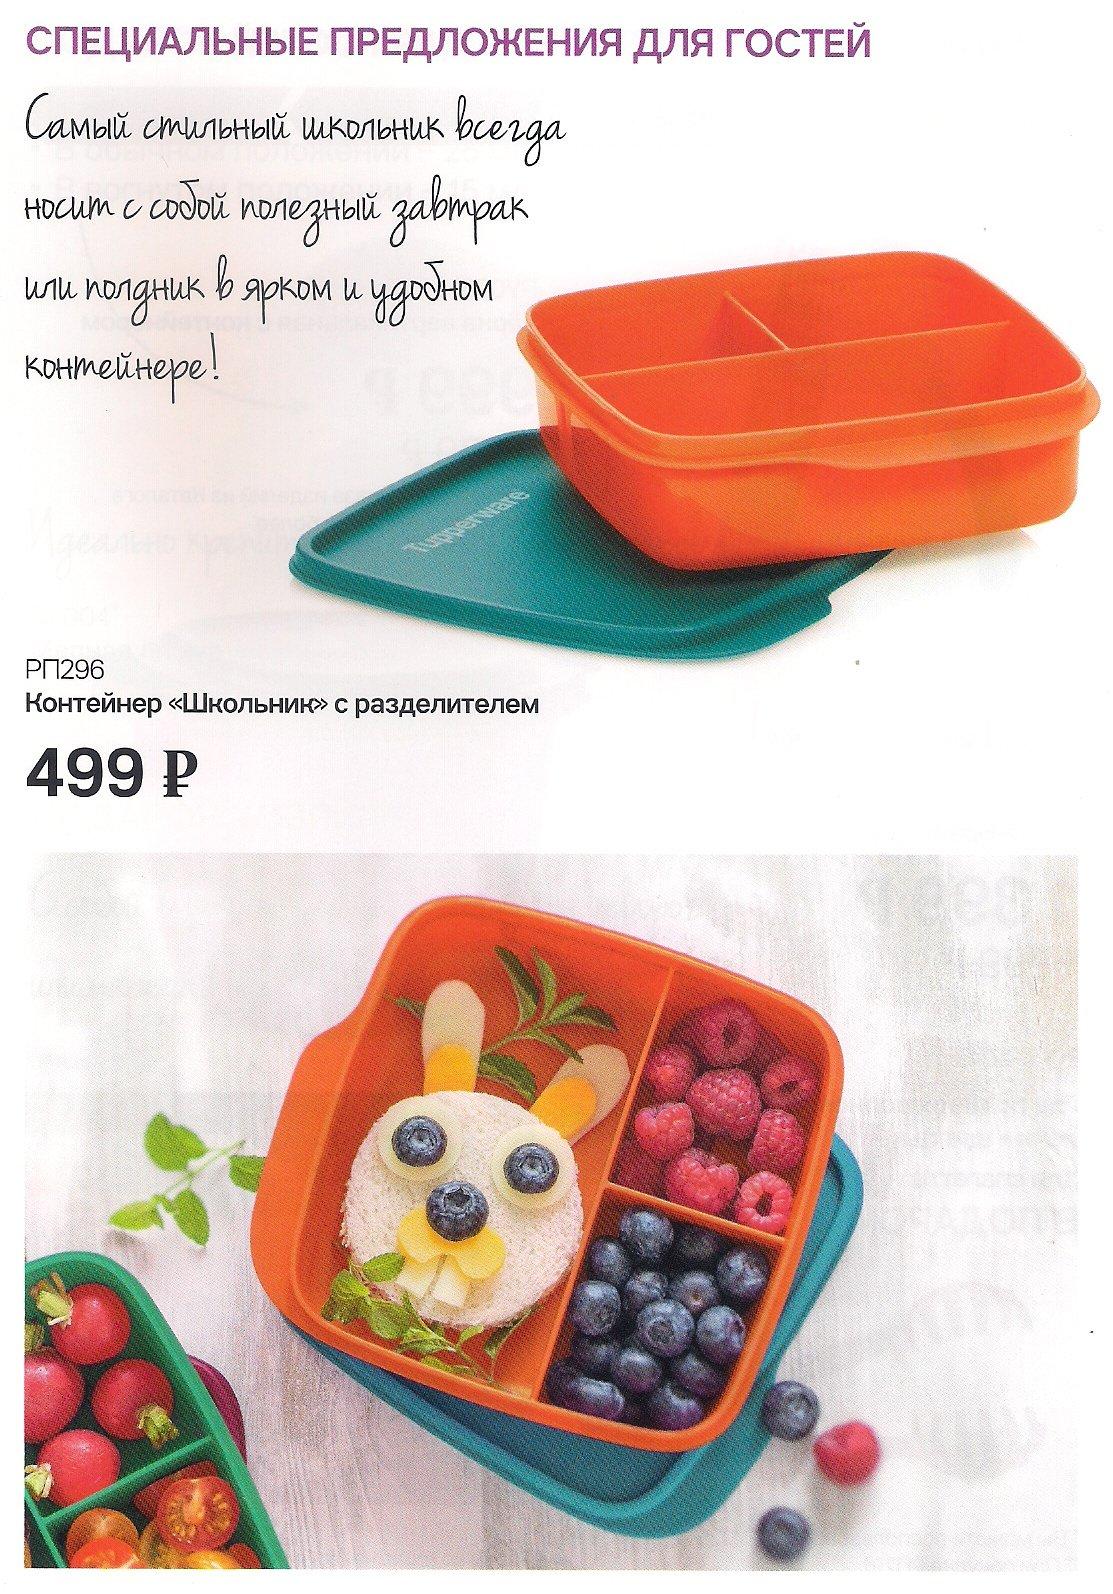 https://tupperware-online.ru/images/upload/11b.jpg